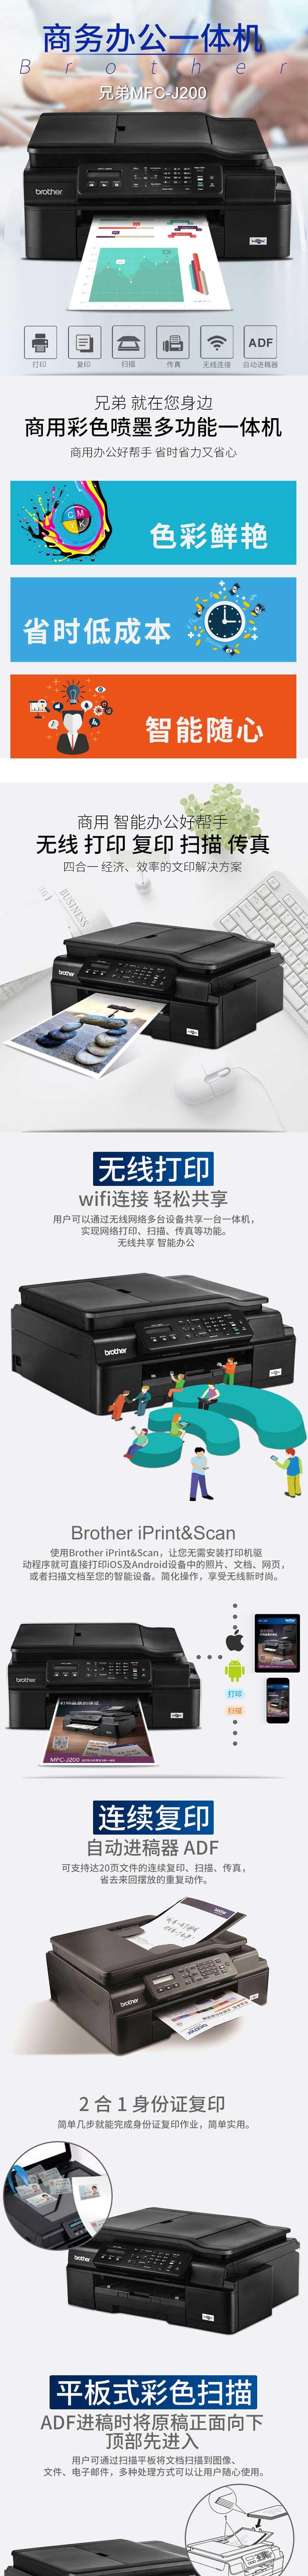 兄弟 MFC-J200 商用彩色喷墨多功能一体机打印复印扫描传真机 照片相片无线WIFI网络打印办公 官方标配 注册2年保